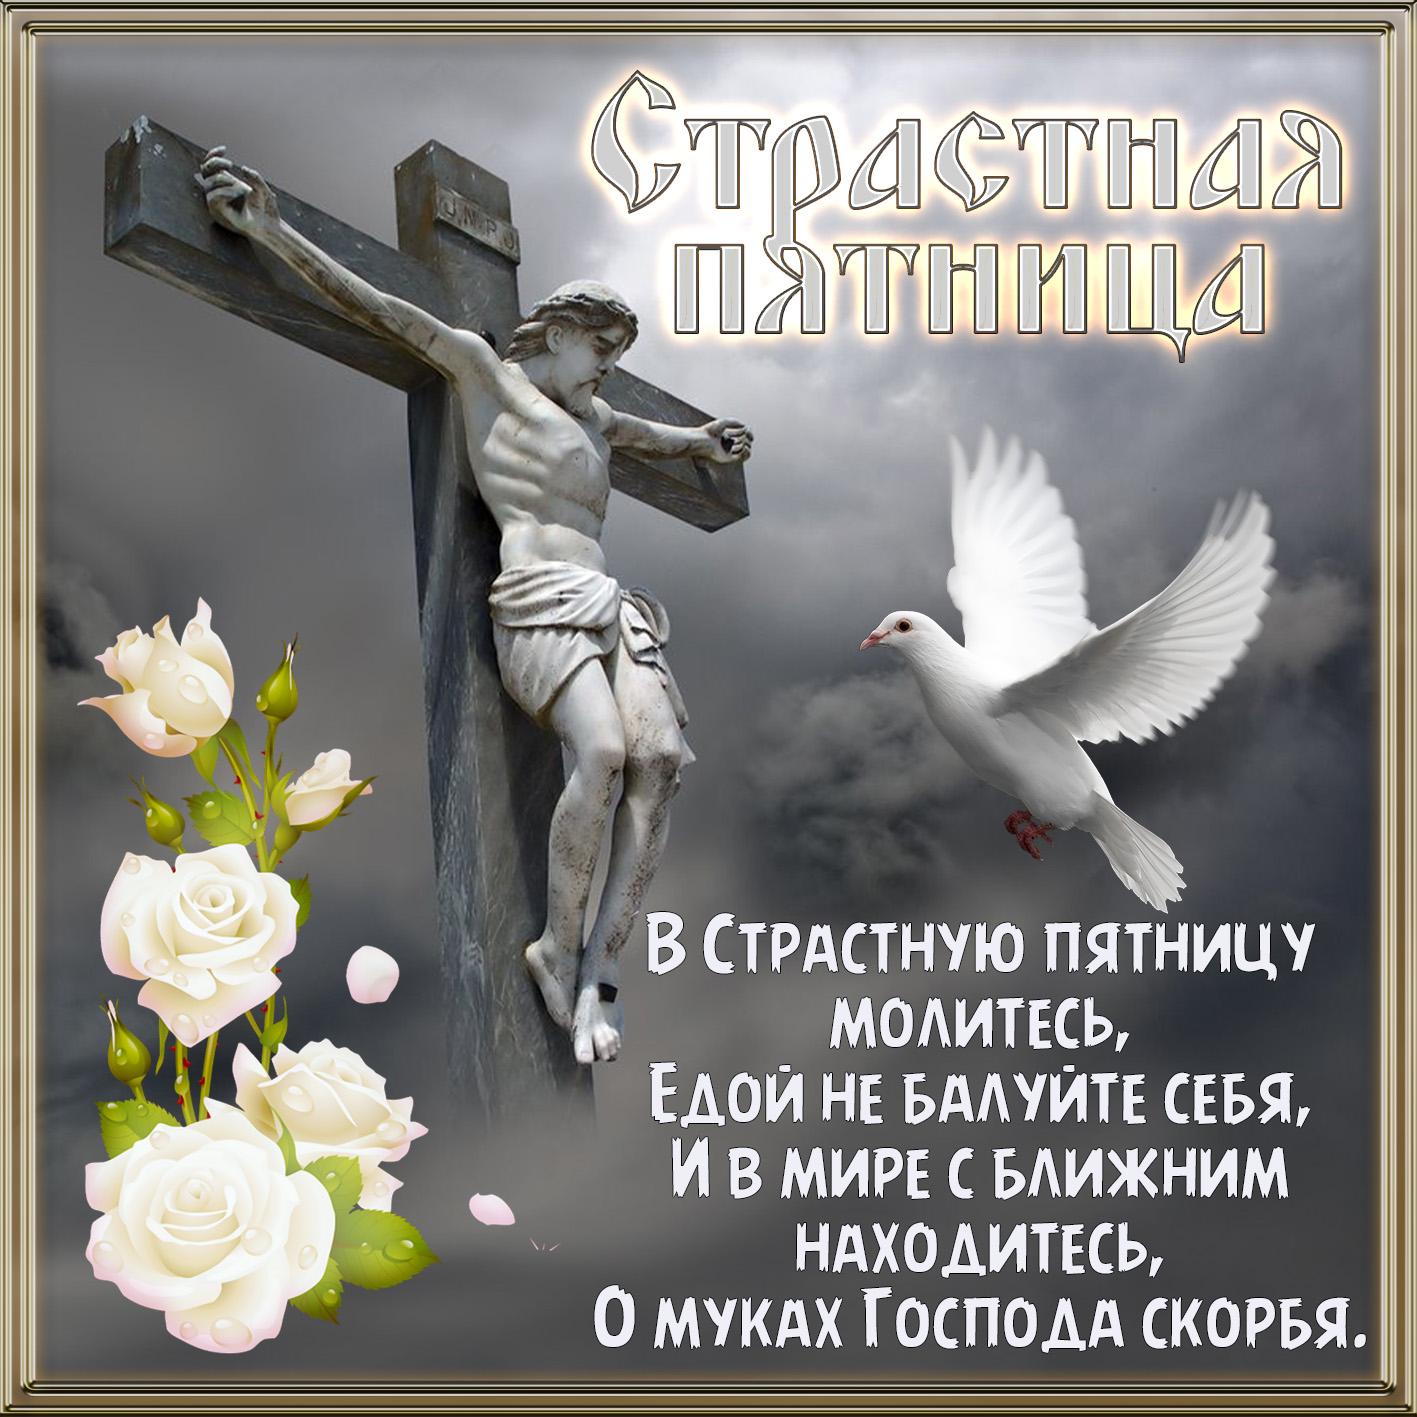 Картинка с распятым Христом к Великой пятнице